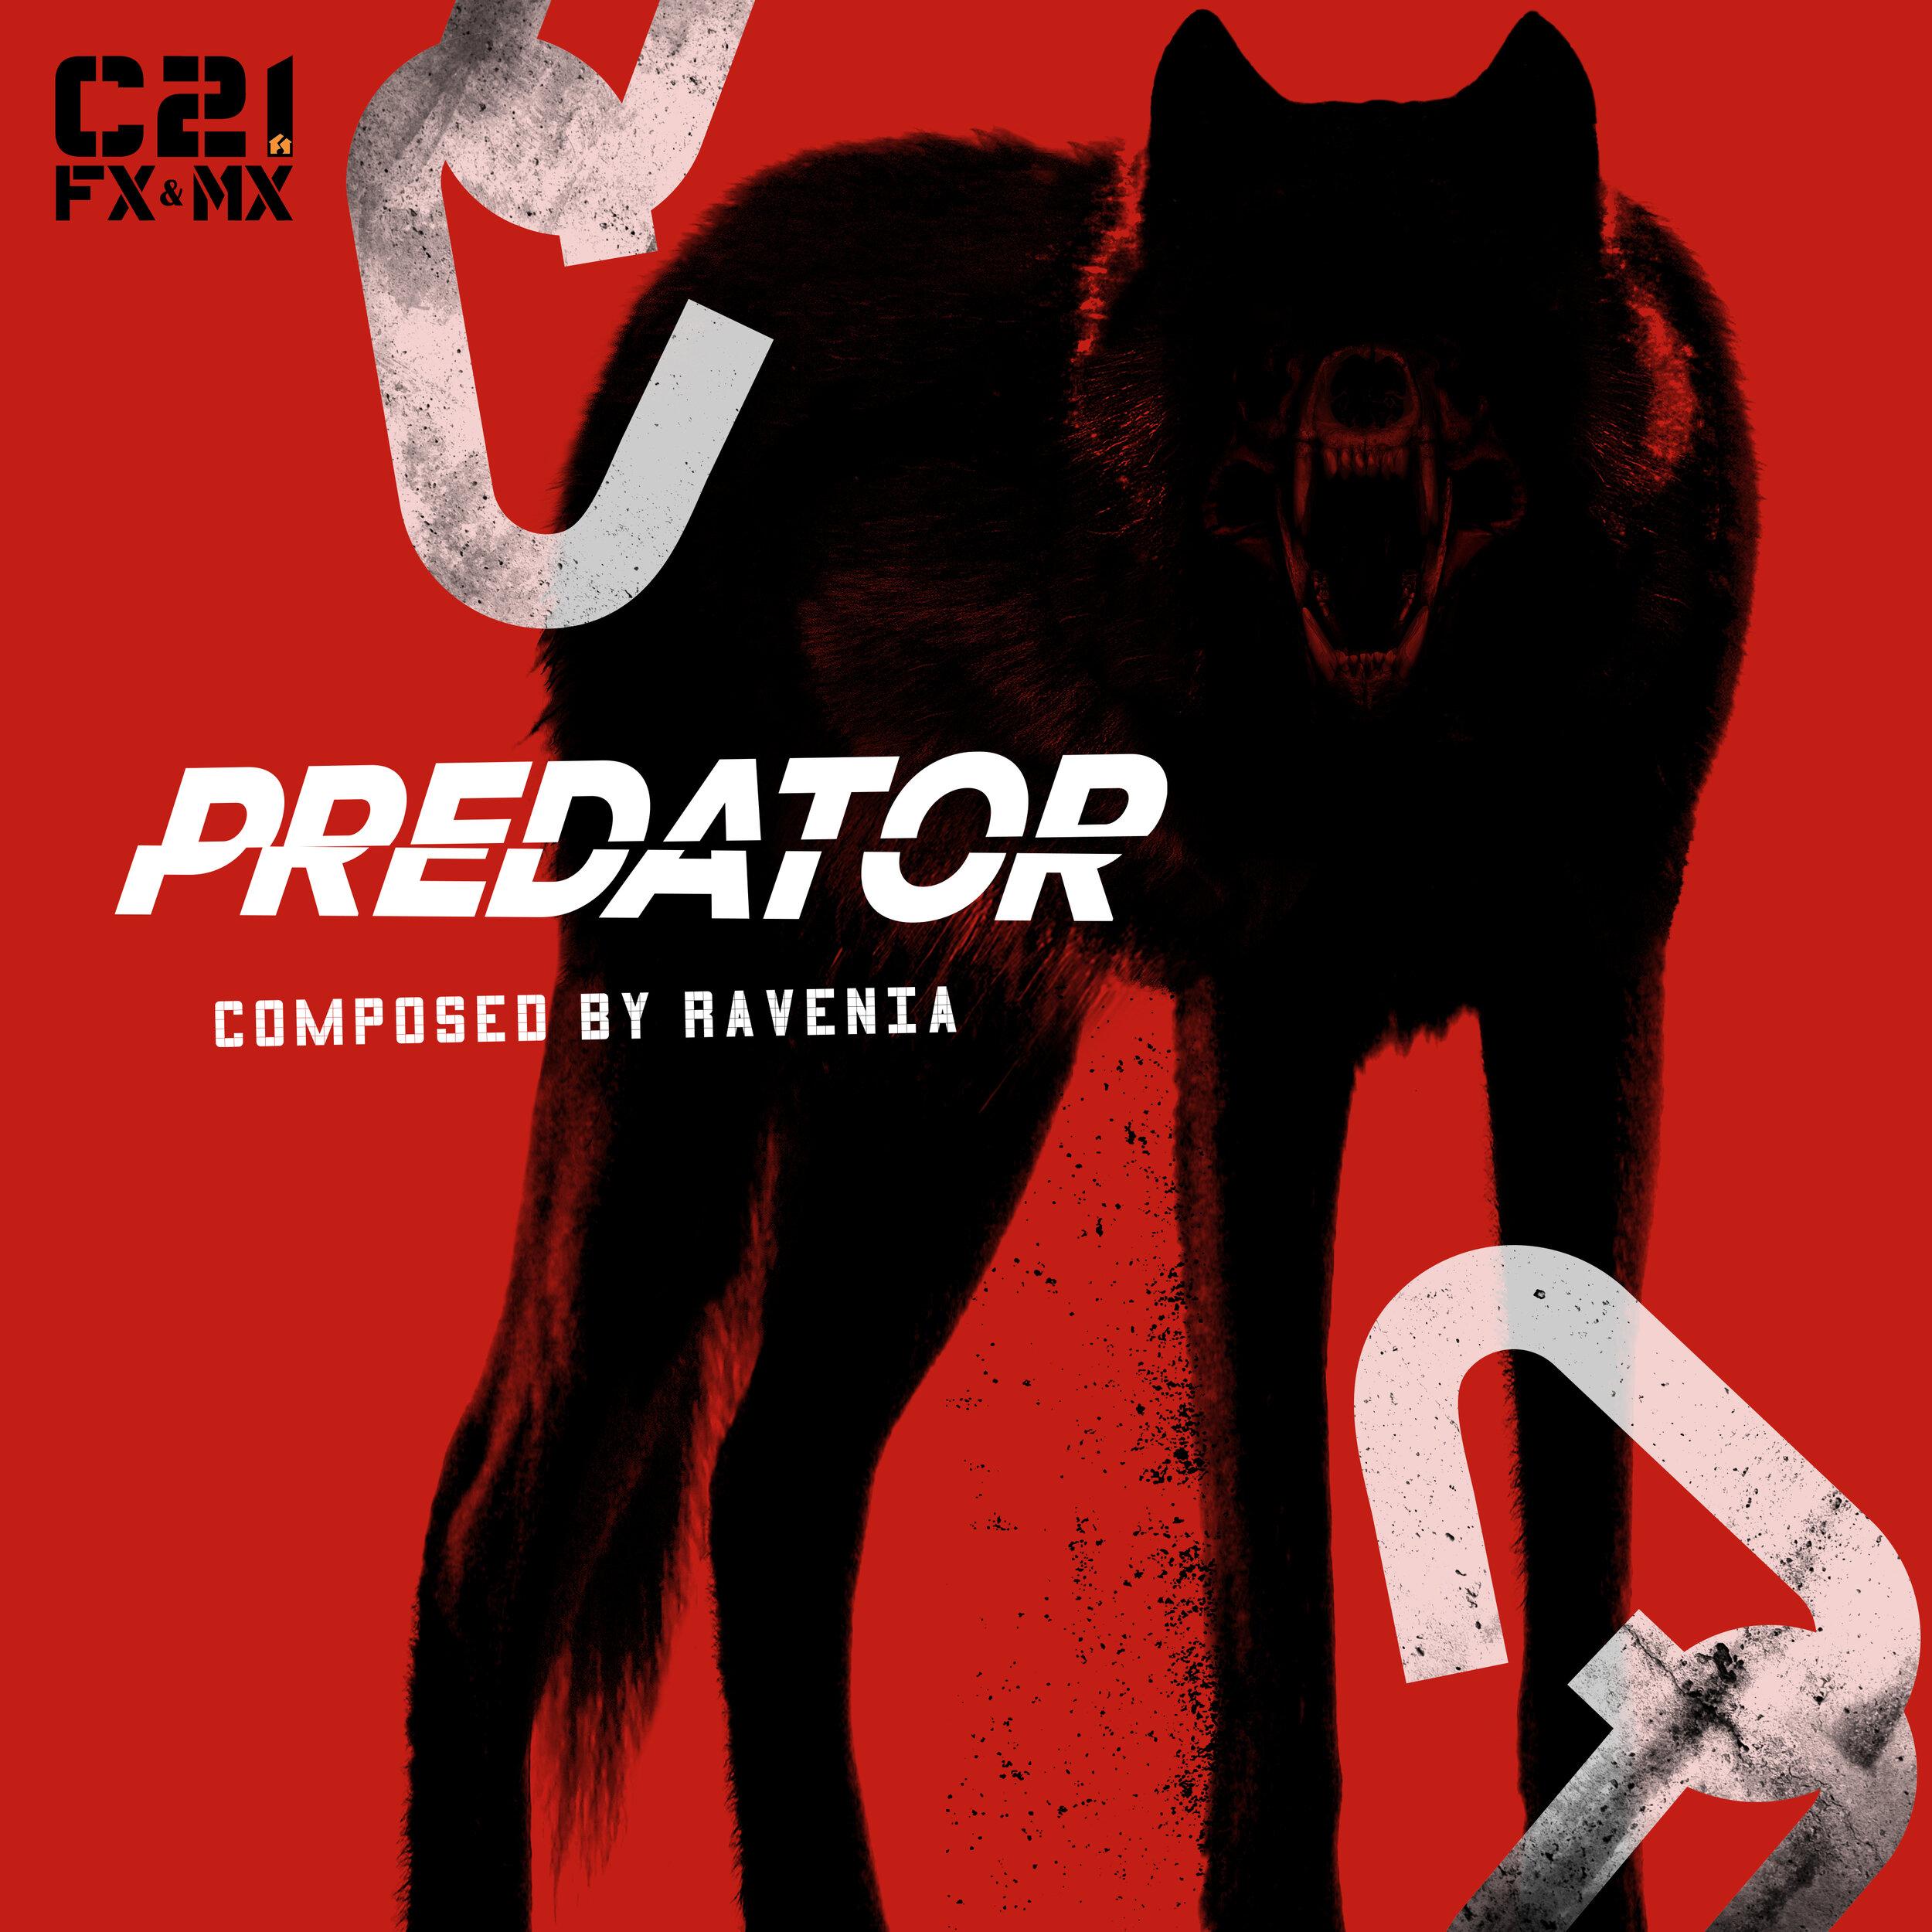 Cabin21_12X12_Predator_FINAL300DPI.jpg